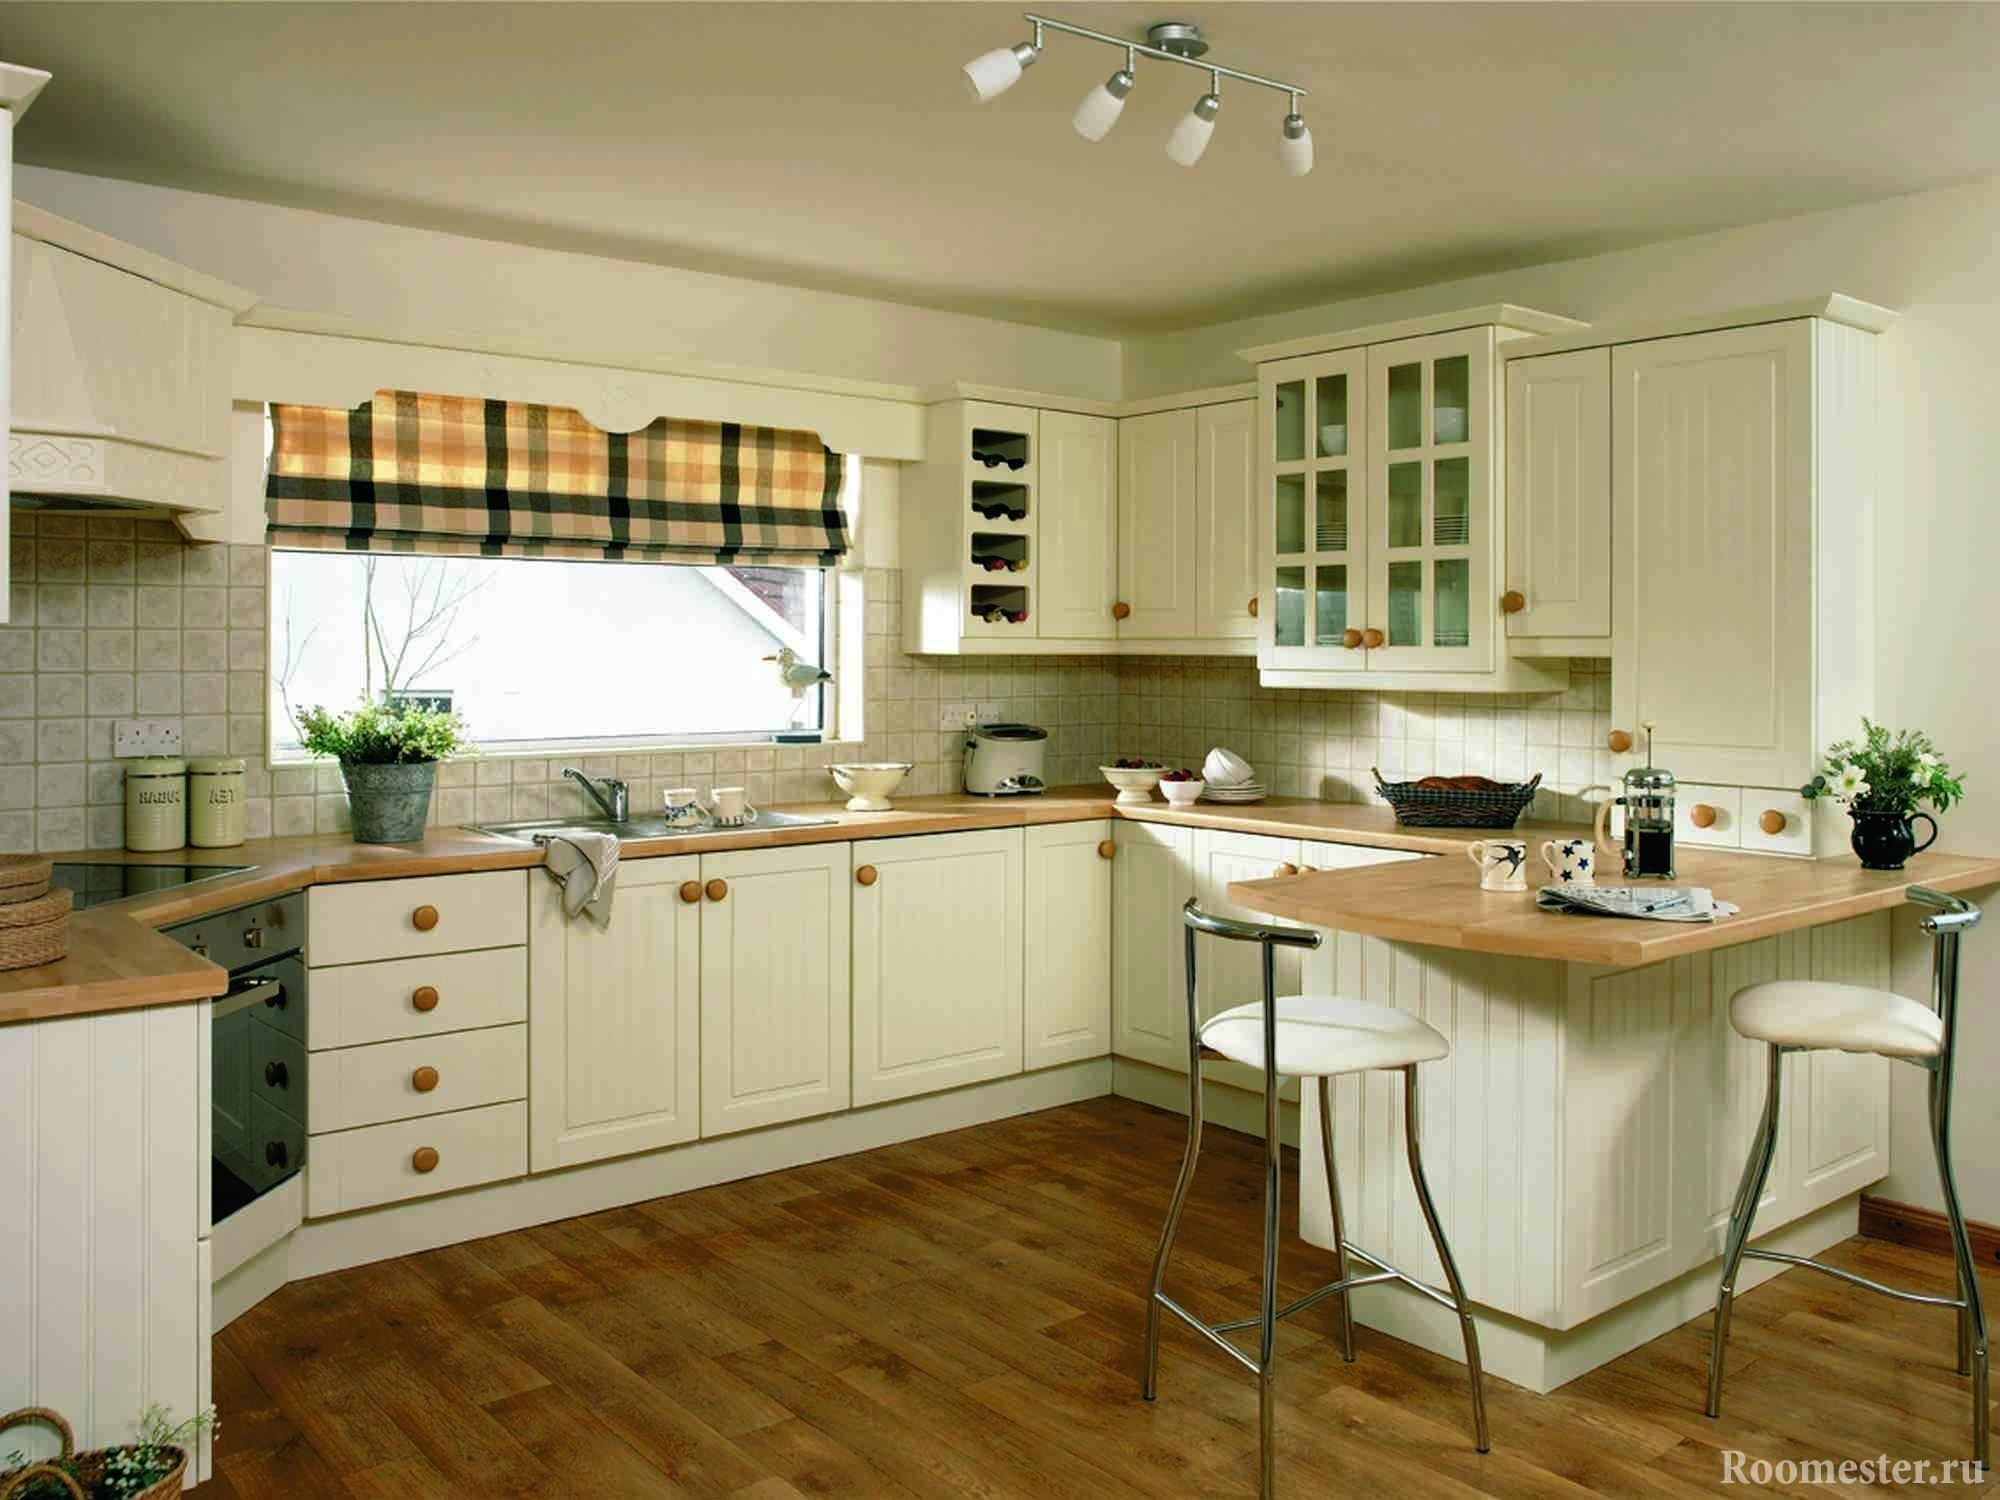 Барный стол для кухни - стойка из бара у вас дома: виды, плюсы и минусы